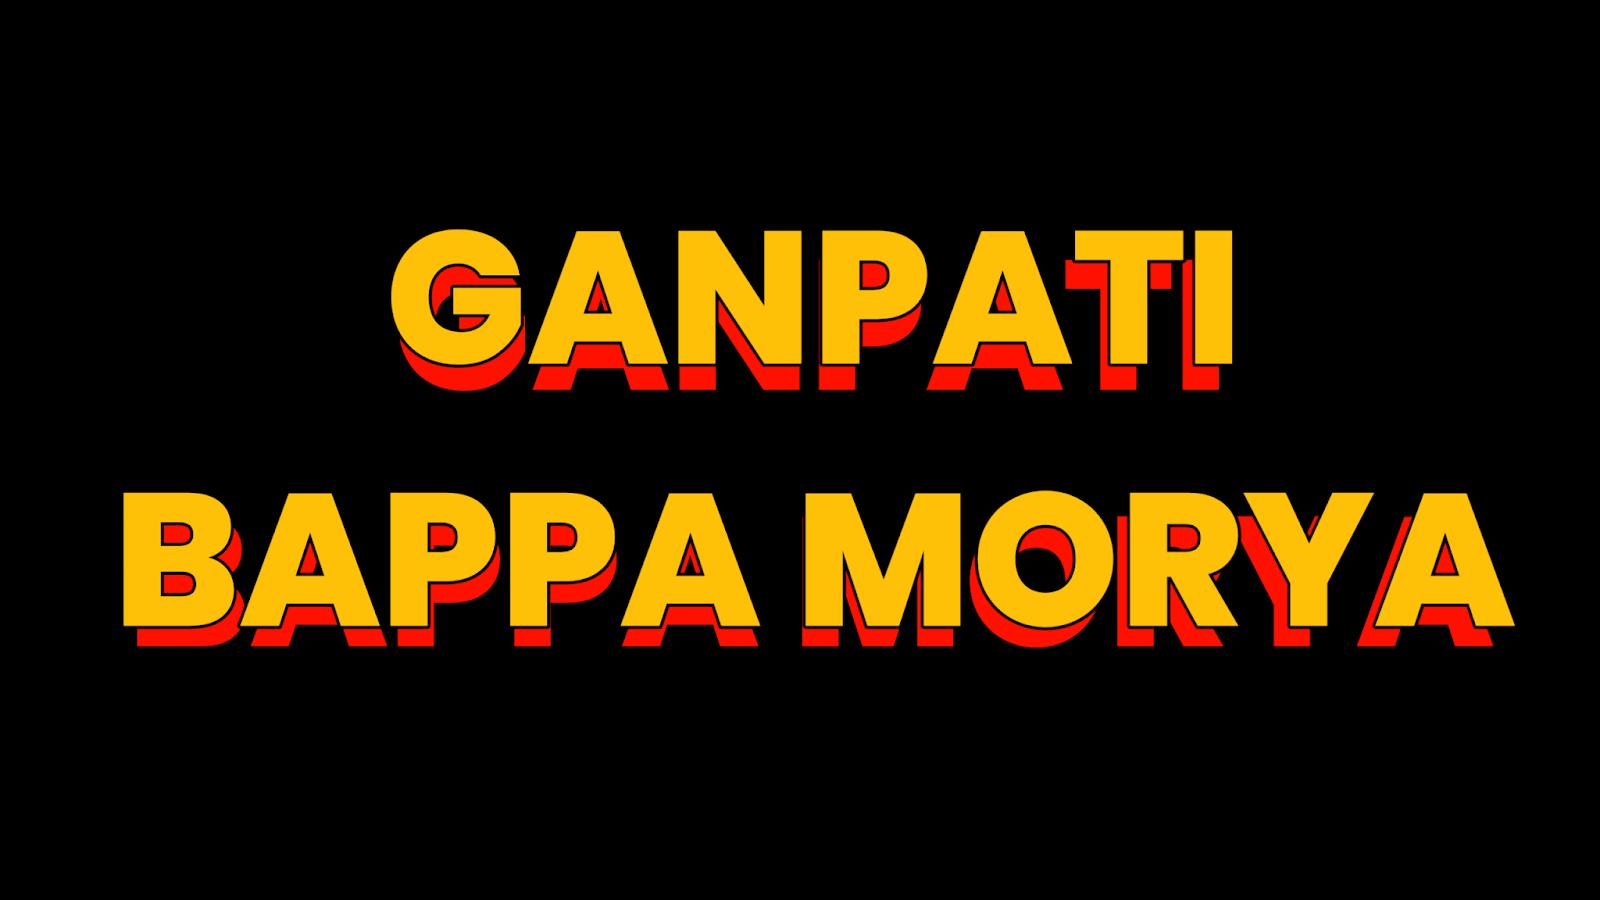 Ganpati Bappa Morya Text Png , (+) Pictures.